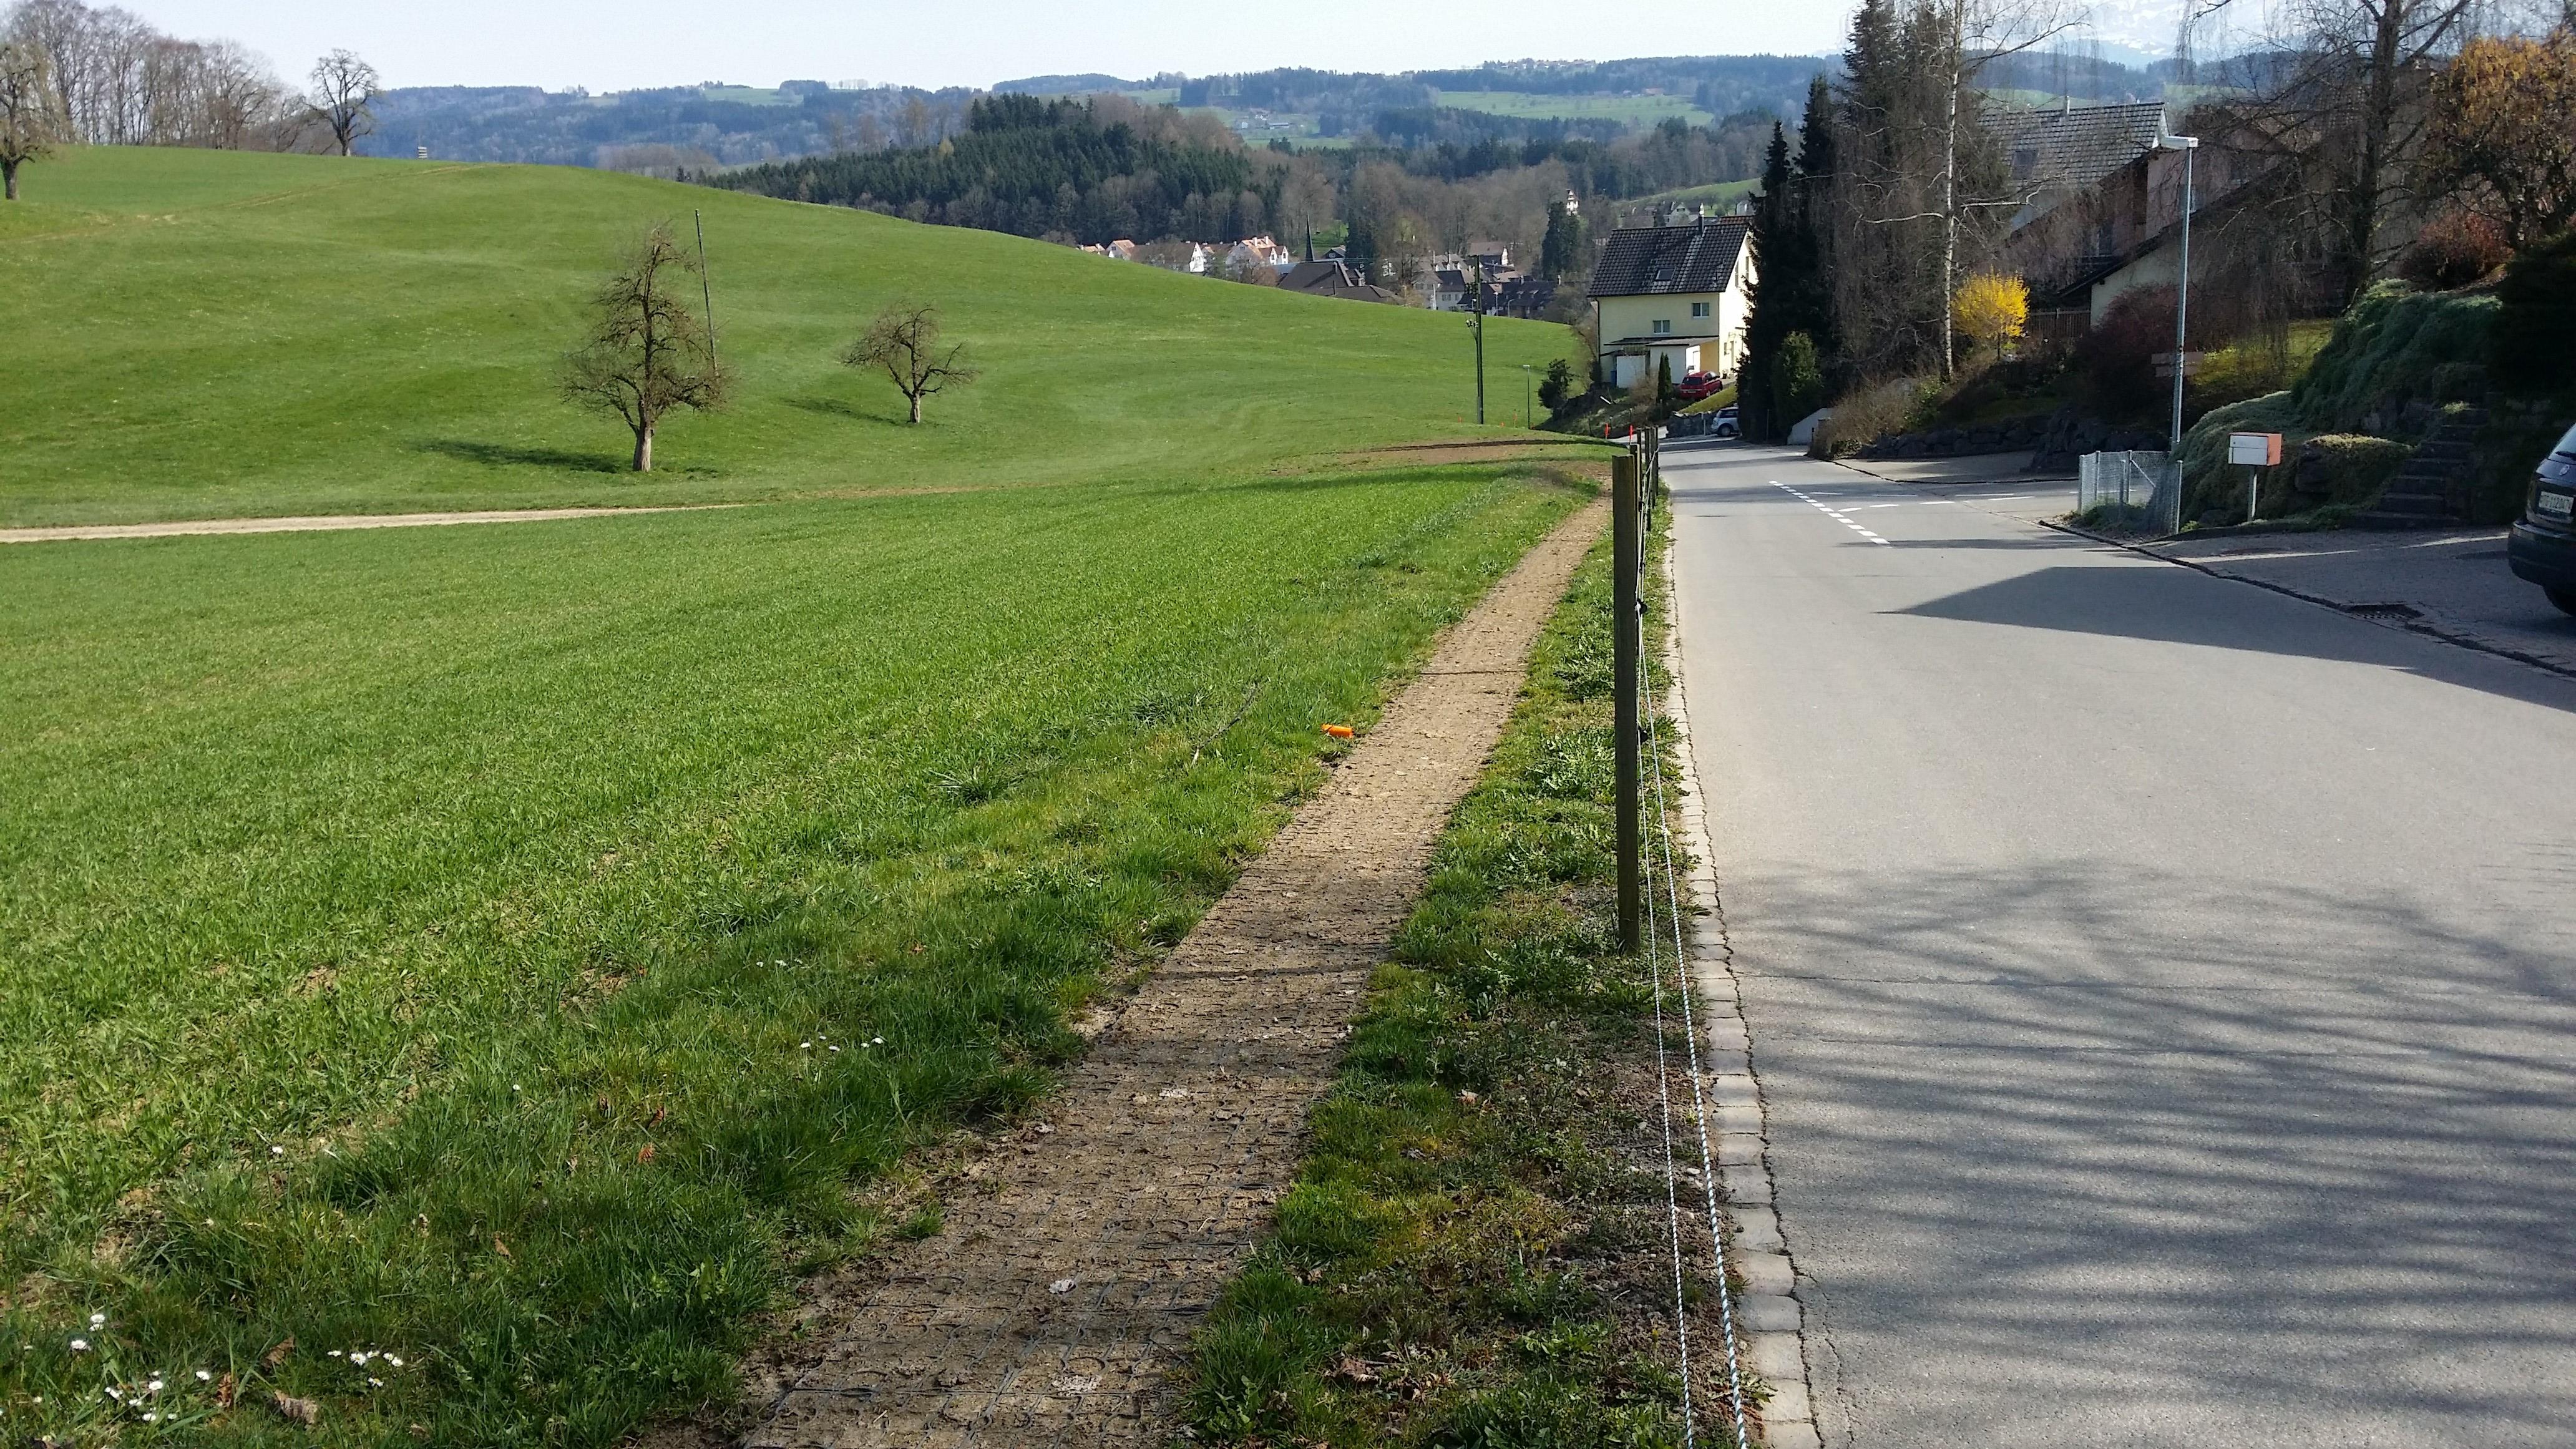 Schweiz_DirimAG_Ecoraster E50 Weideweg Schiess 9213 Hauptwil TG Weideeingang (2)